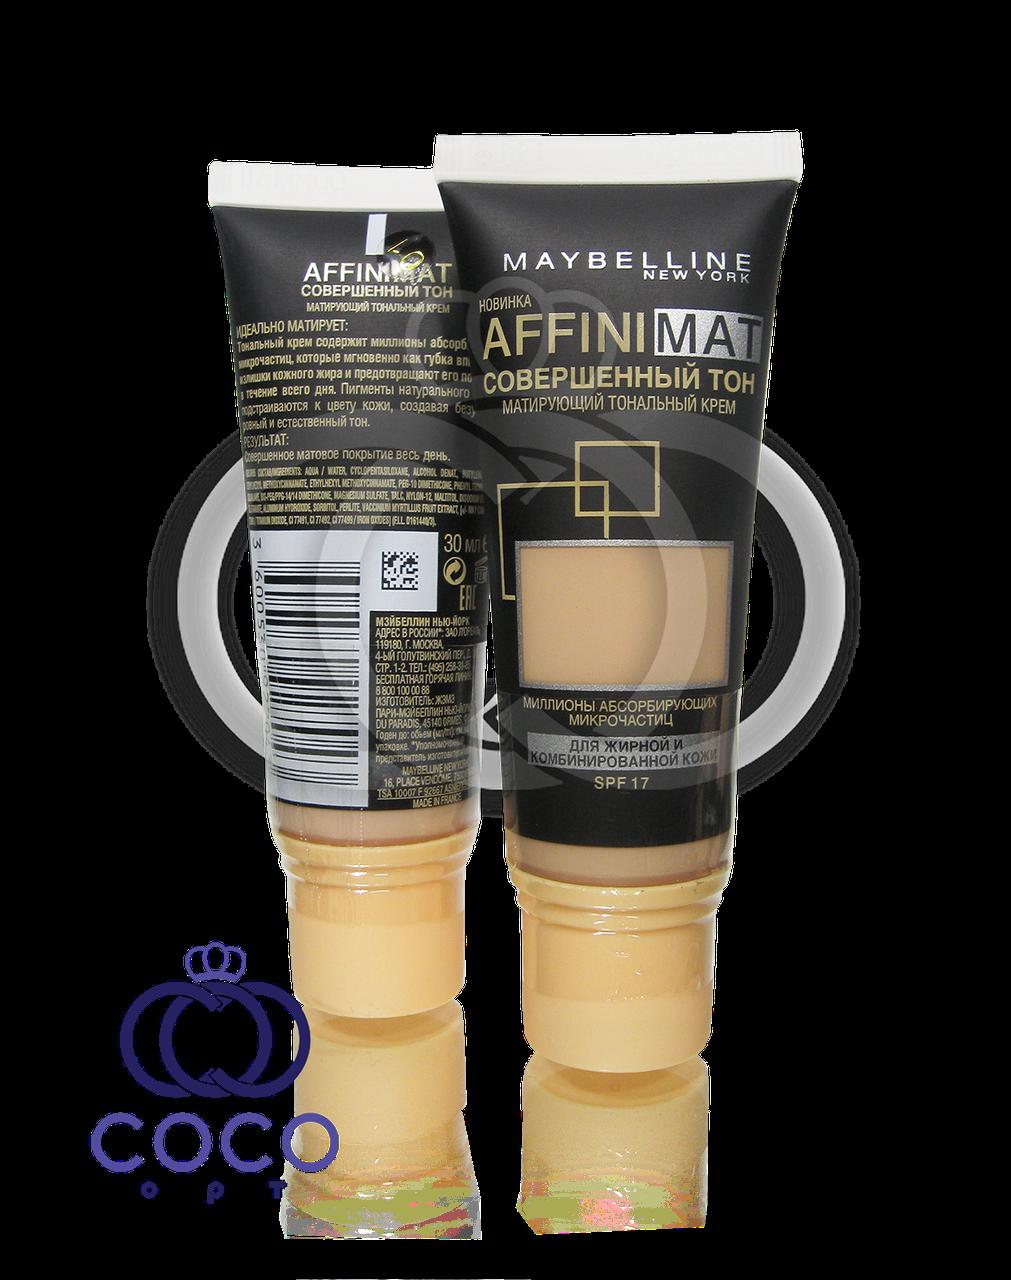 Матирующий тональный крем Maybelline Affinimat SPF 17